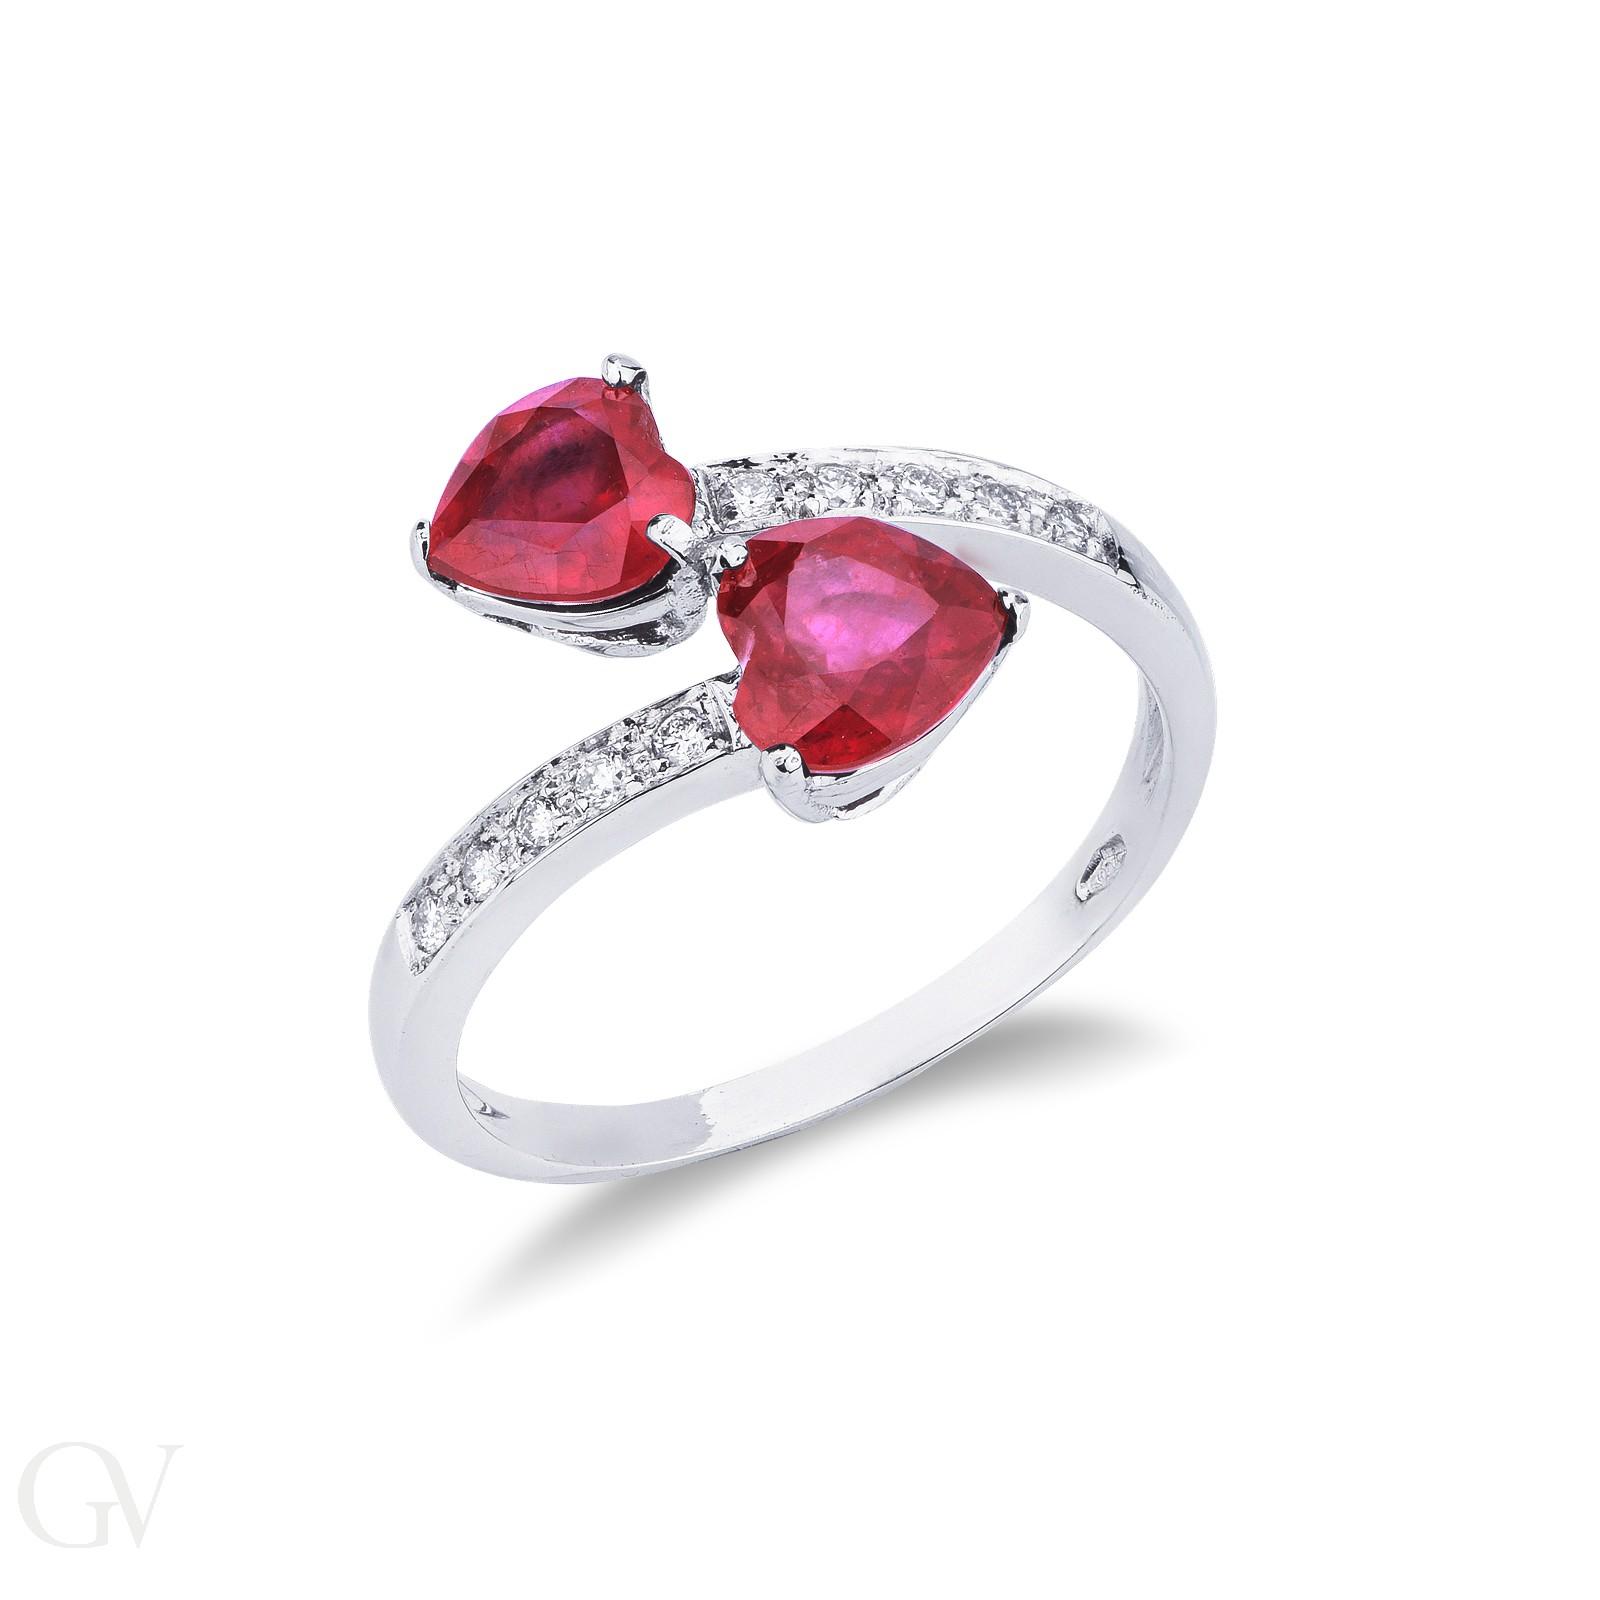 Anello in oro bianco 18k con due rubini a cuore e diamanti.